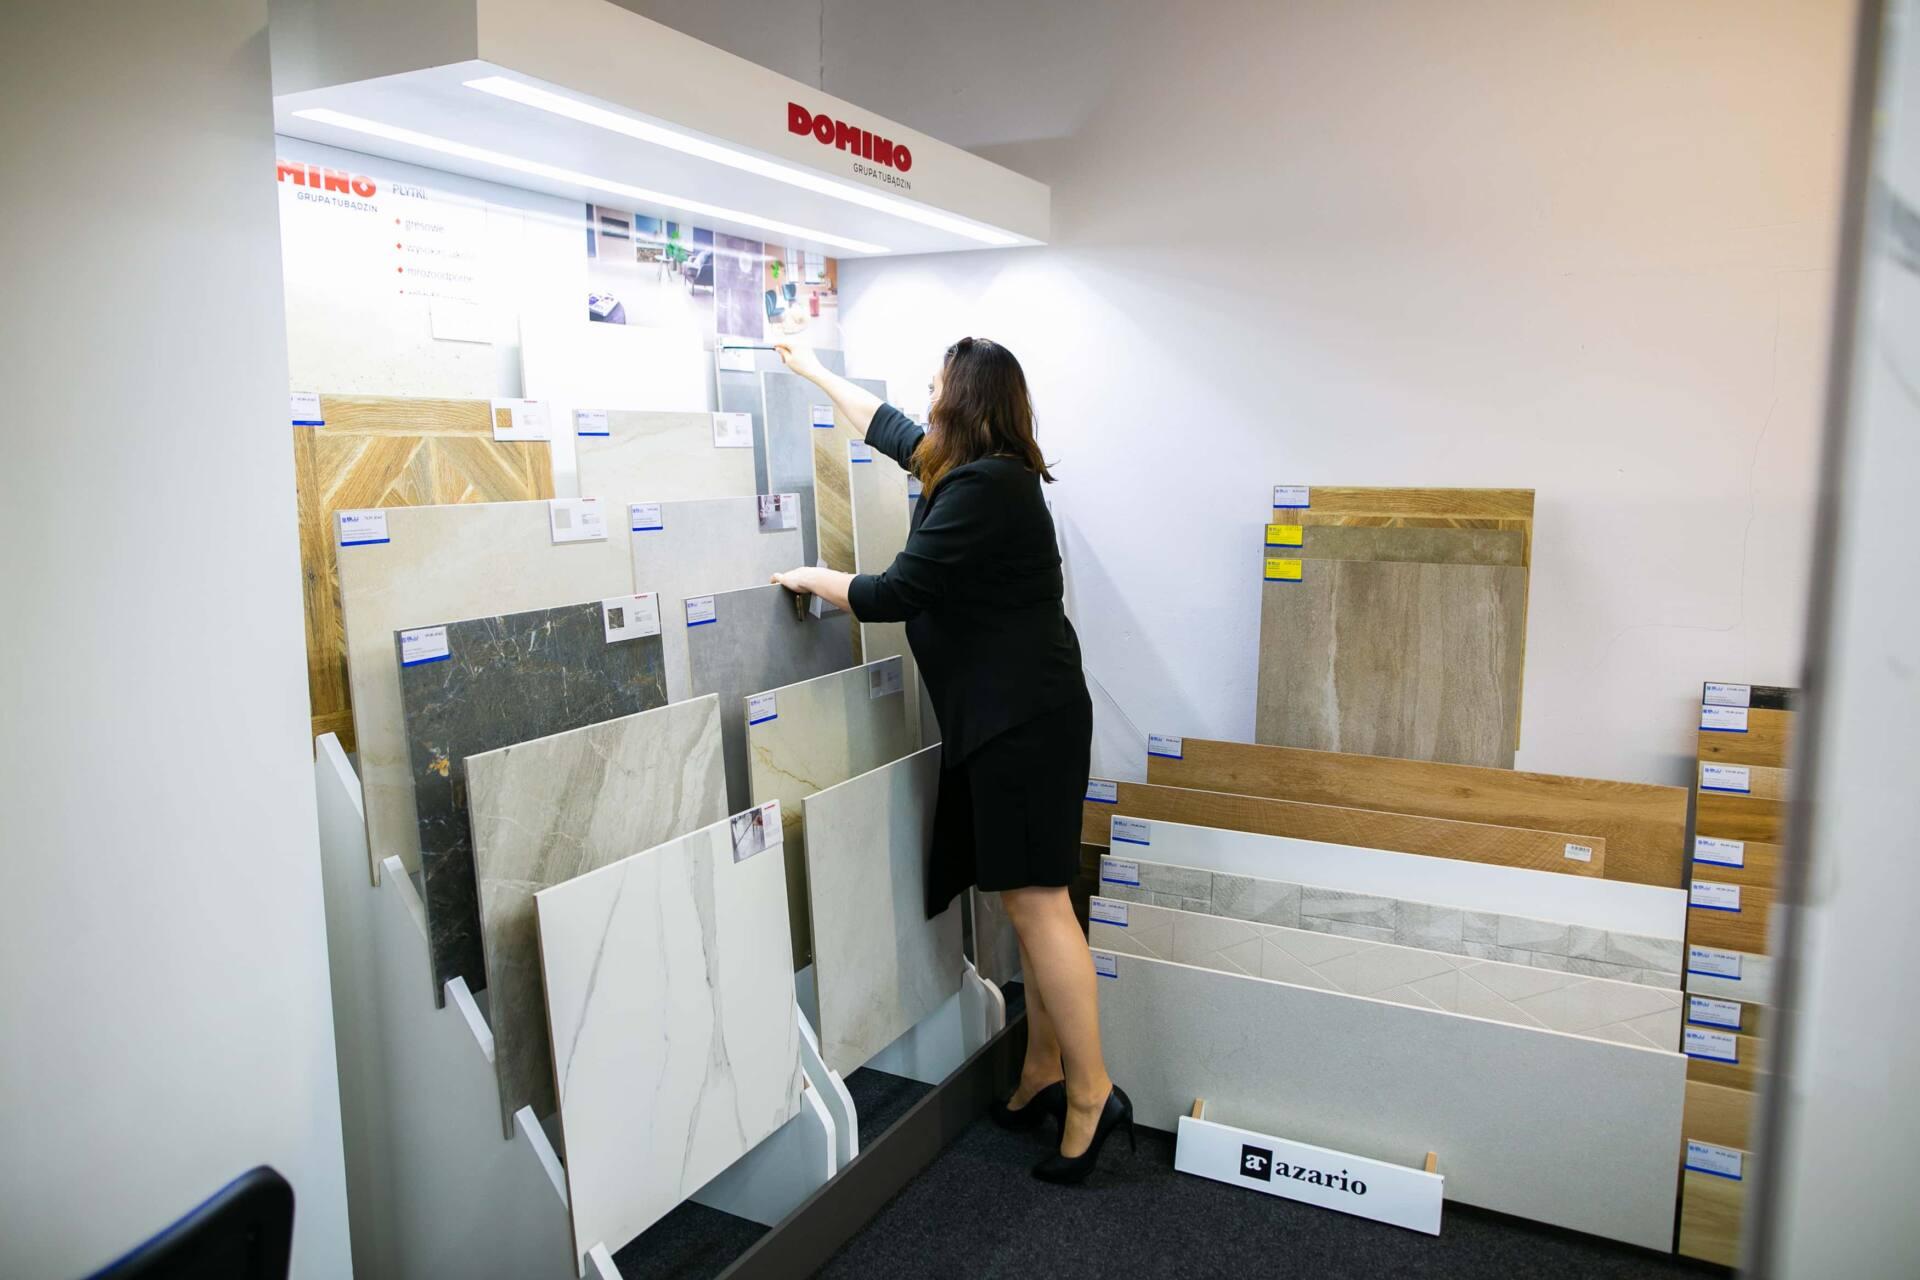 5db 5603 Nowy salon łazienek BLU w Zamościu już otwarty! Publikujemy 80 zdjęć